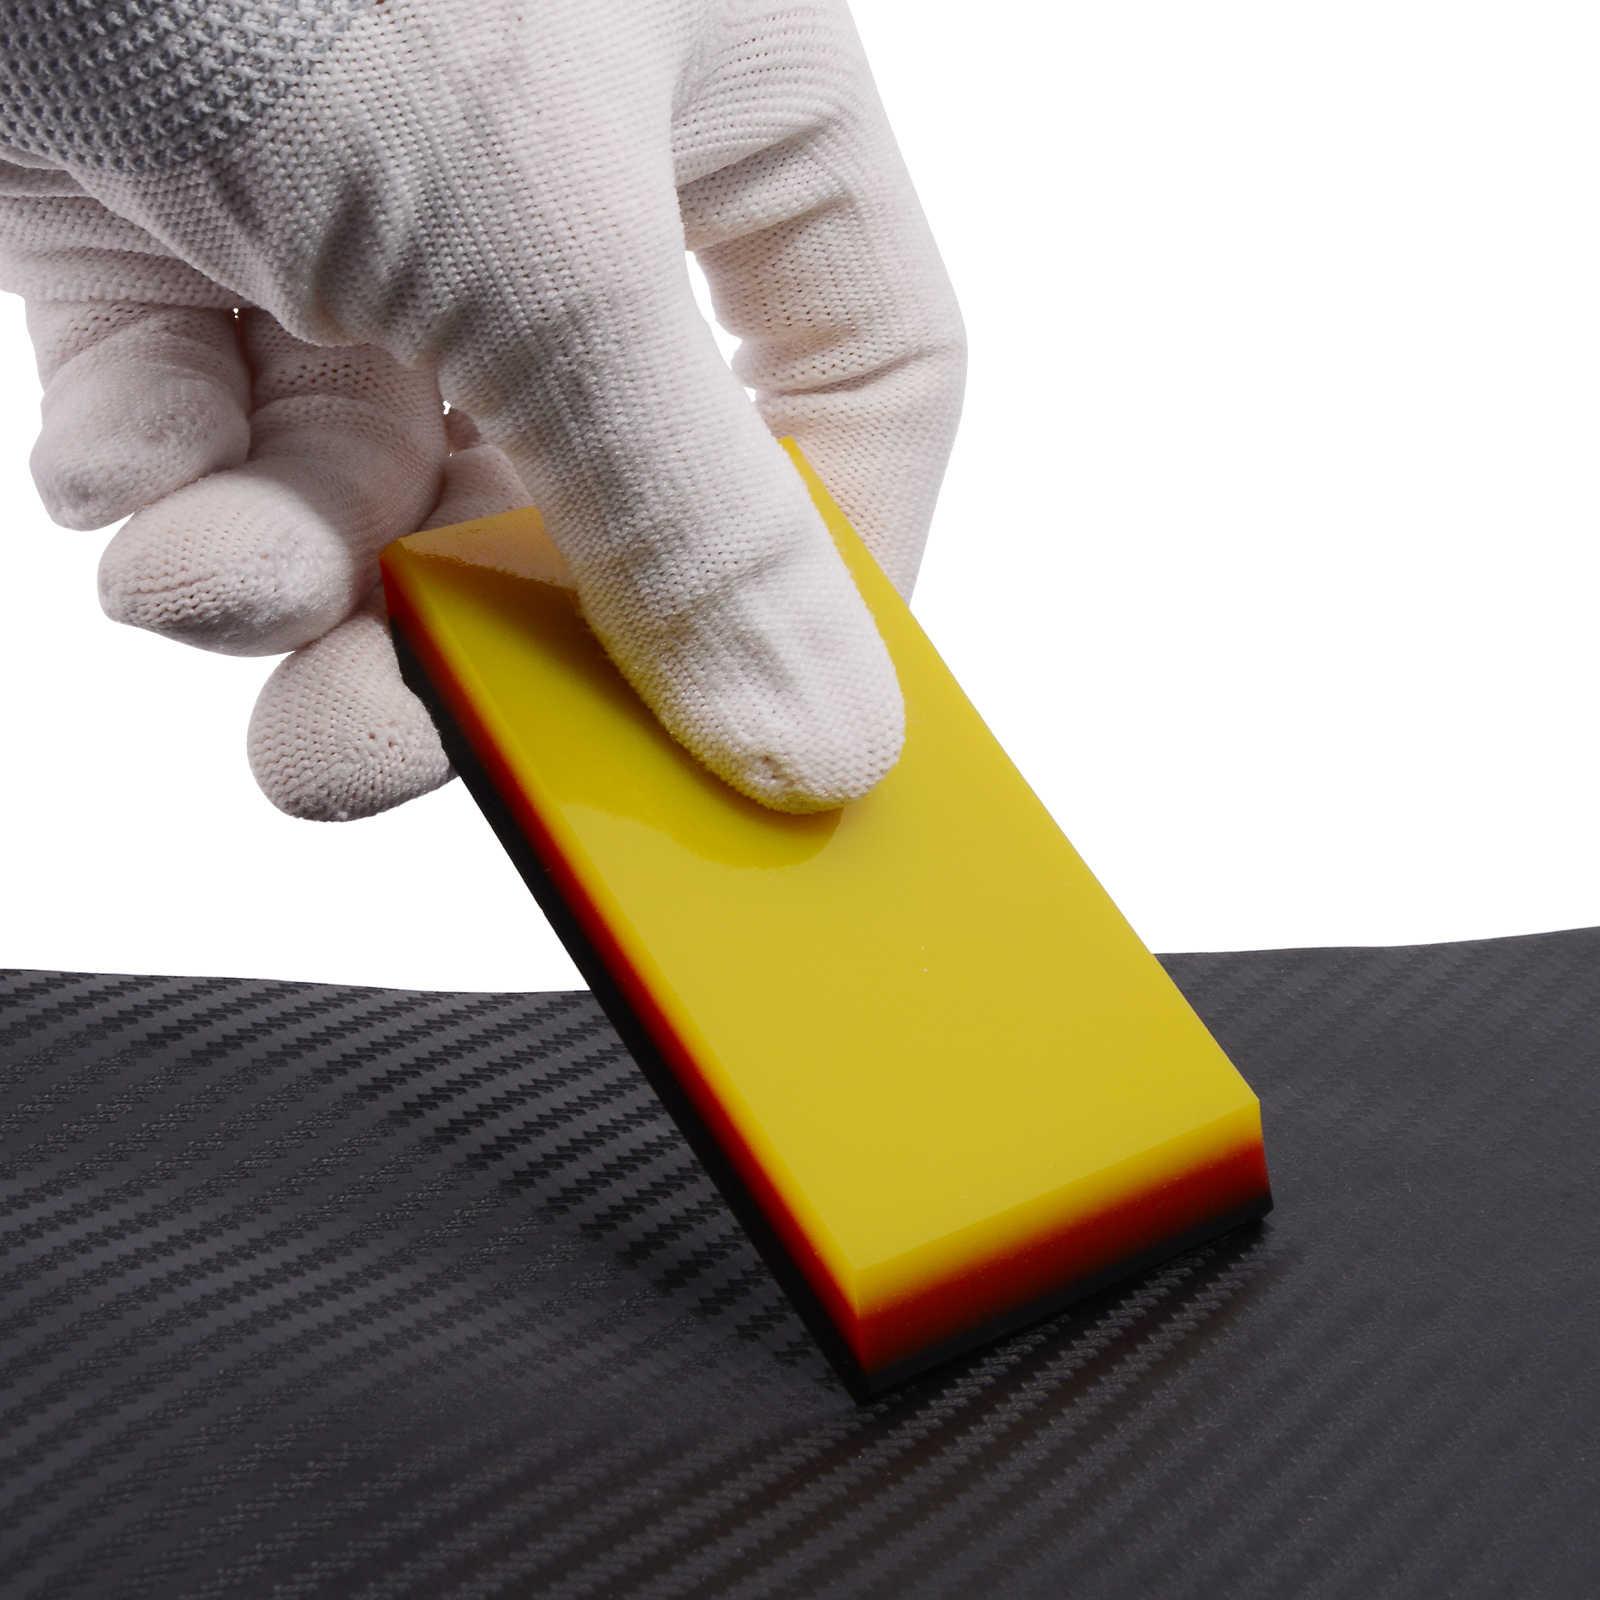 Ehdis 2in1 Auto Gereedschap 3-Layer Carbon Fiber Vinyl Zuigmond Beschermende Film Installeren Schraper Auto Wrap Raam Verven Reiniging gereedschap